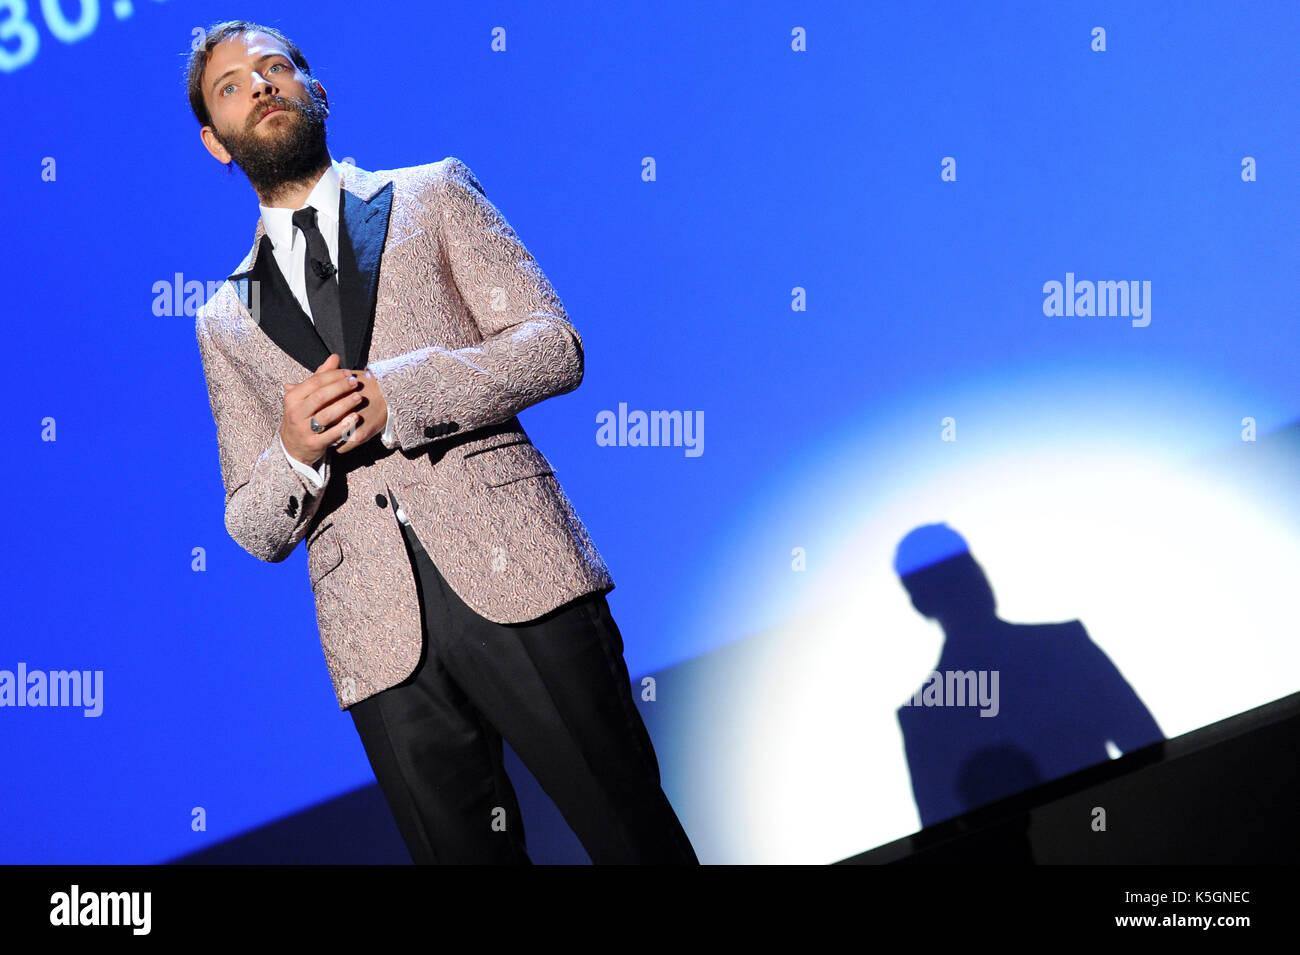 74a Mostra del Cinema di Venezia, 'venezia 74' leoni d'oro alla cerimonia di premiazione nella foto: Alessandro Foto Stock